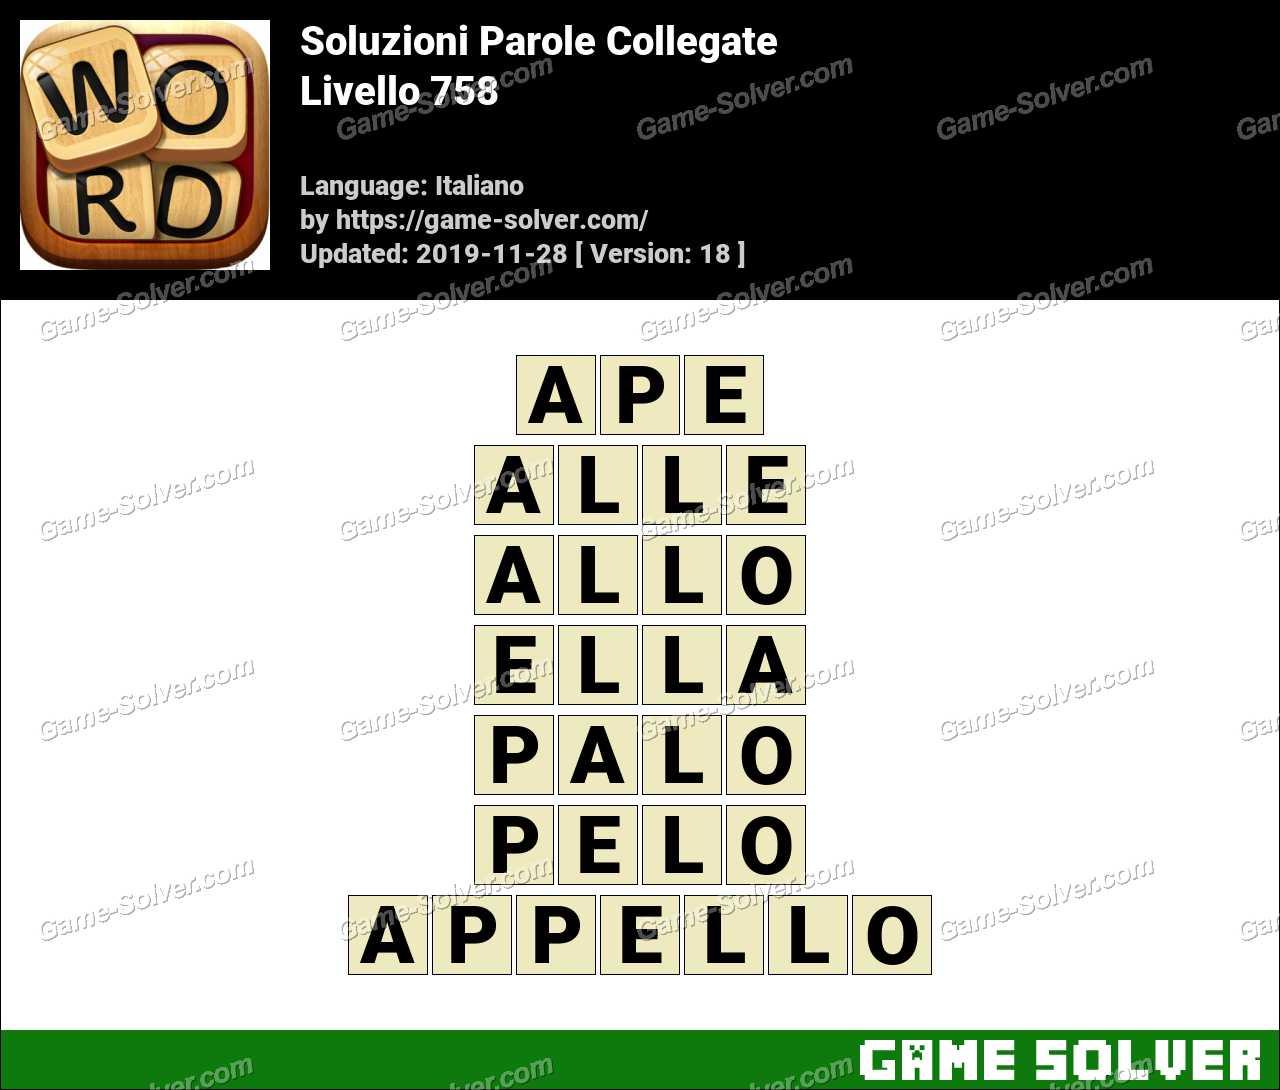 Soluzioni Parole Collegate Livello 758